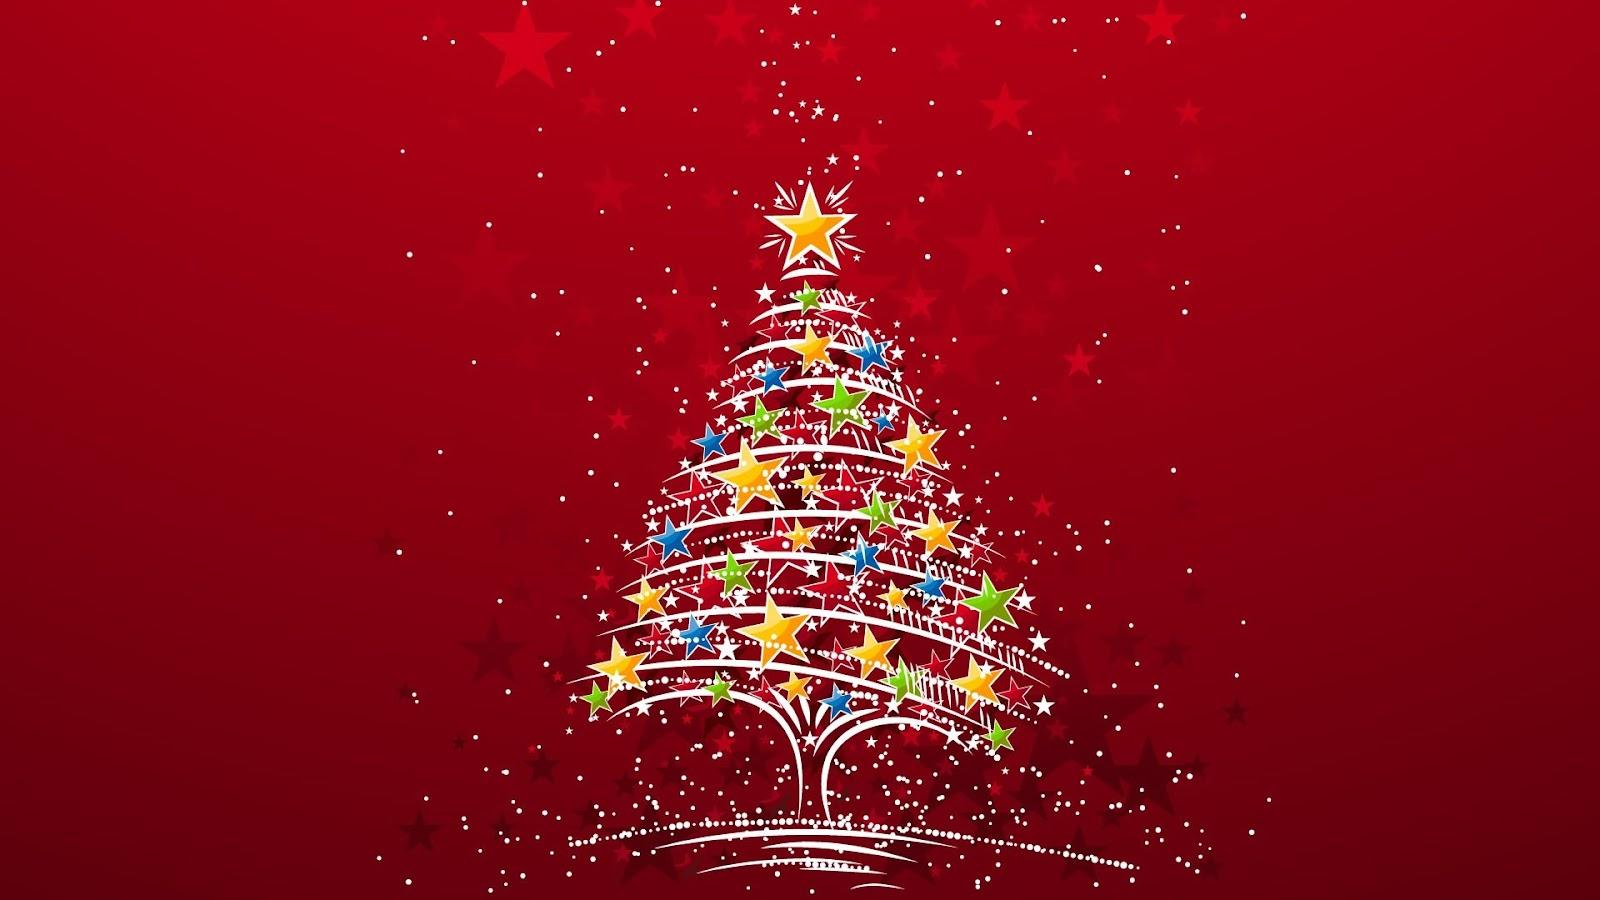 Kumpulan Animasi Pohon Natal Kantor Meme